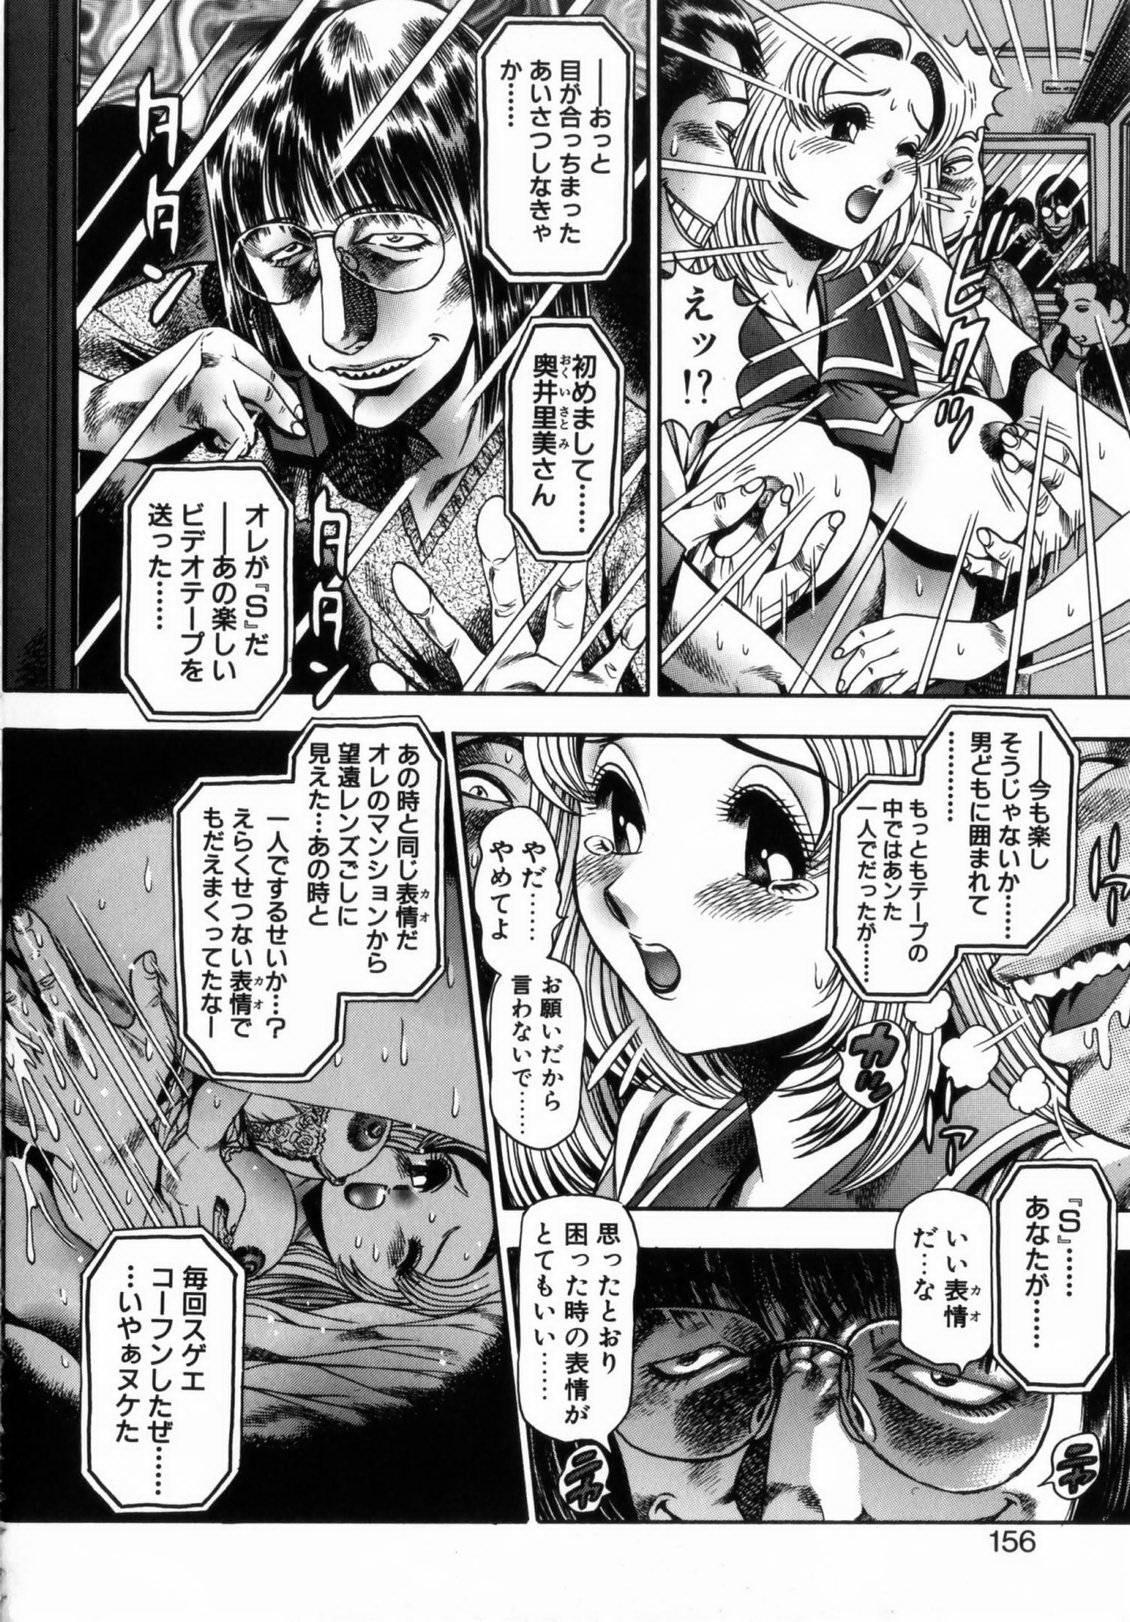 Koisuru Race Queen 154